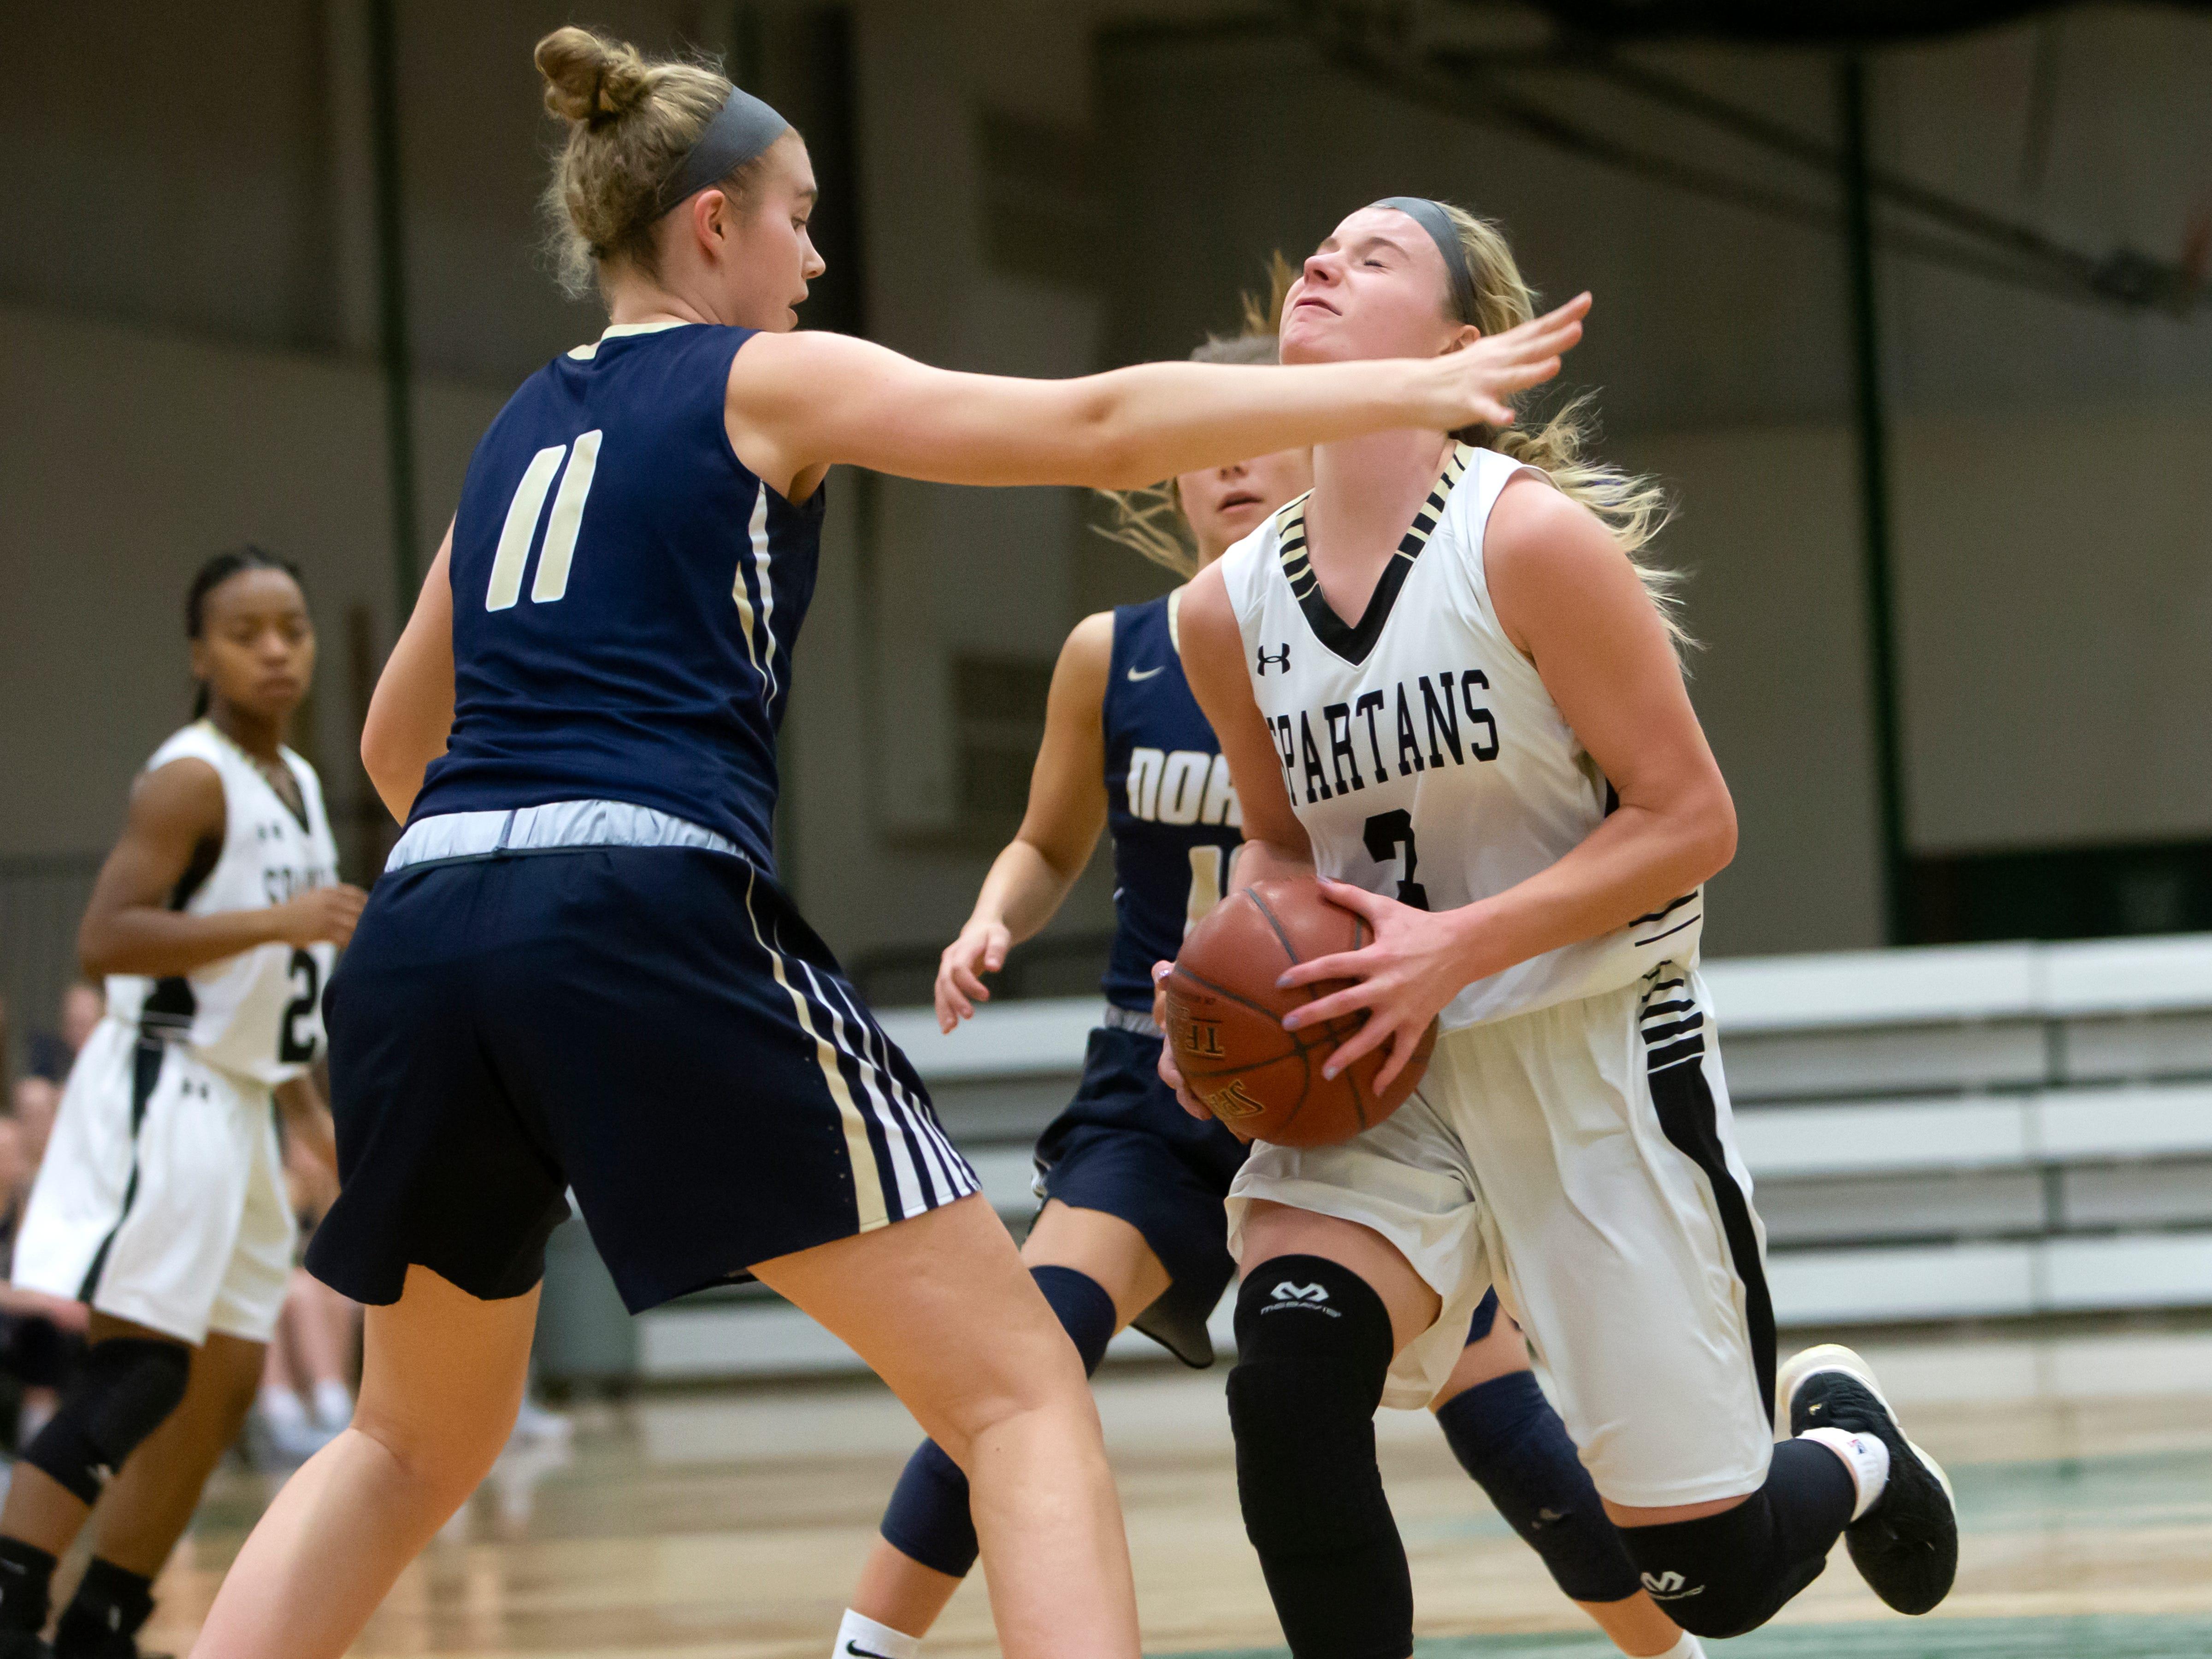 Appleton North's Emma Erickson blocks Ashley Wissink of Oshkosh North rush to the basket during a girls basketball game Friday, February 8, 2019, in Oshkosh, Wis., at Oshkosh North High School.